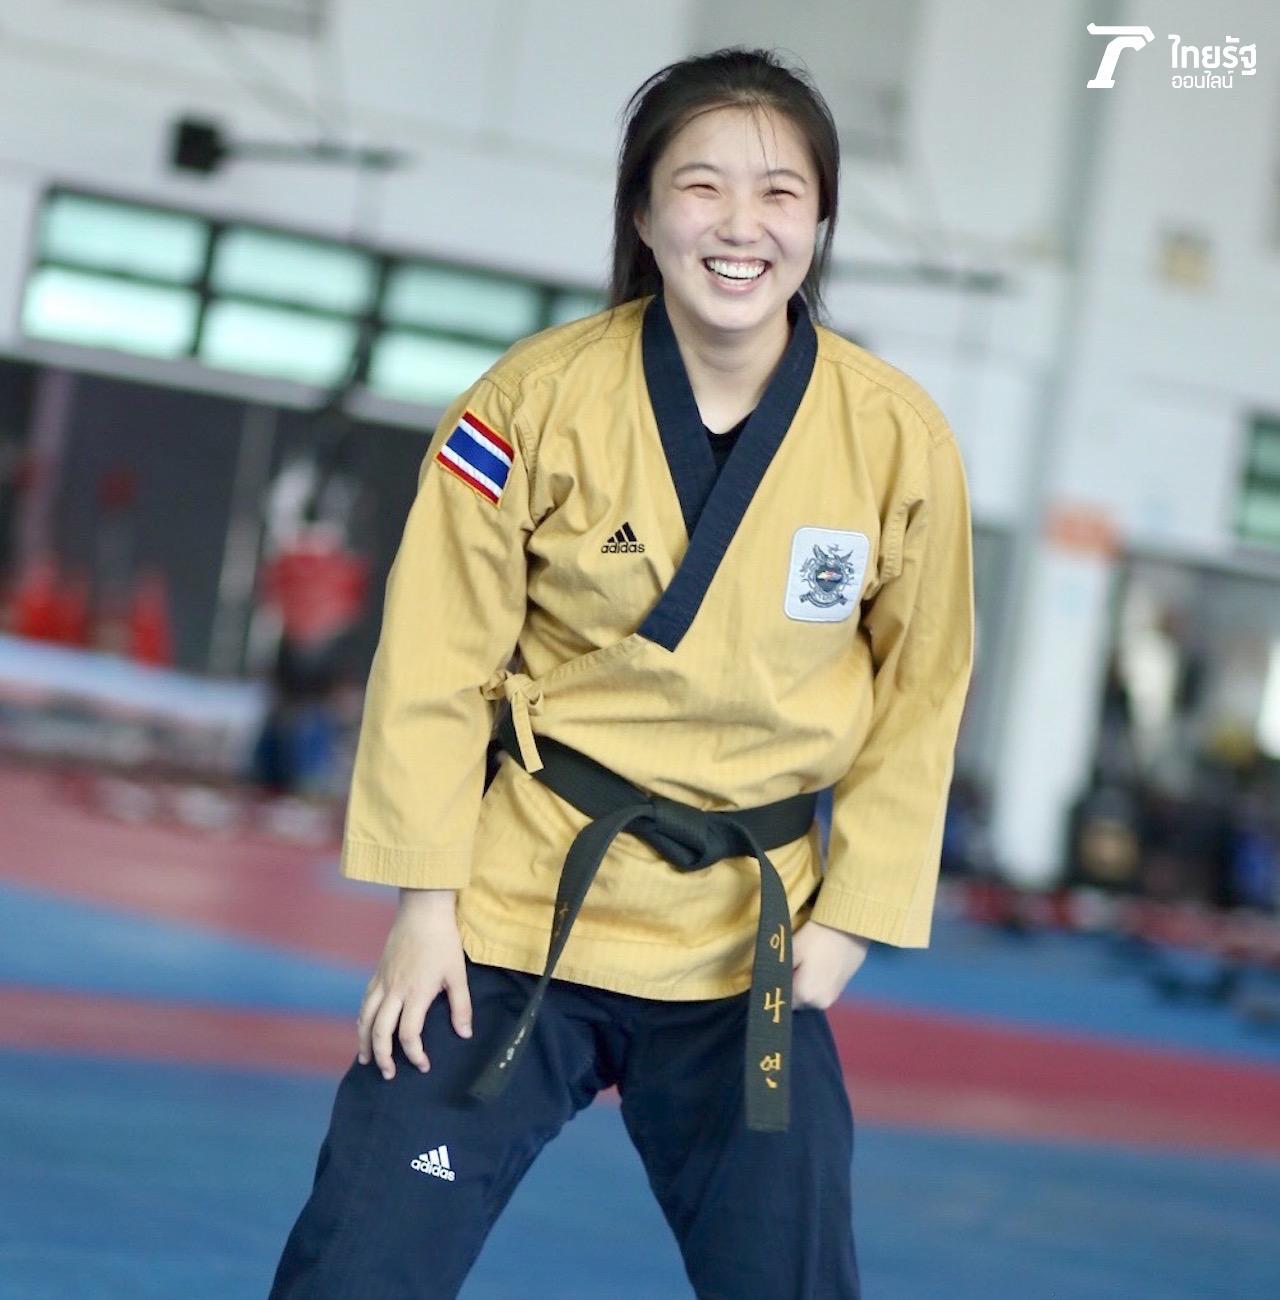 รอยยิ้มที่เต็มไปด้วยความเขินอาย ตามสไตล์ของสาวเกาหลี